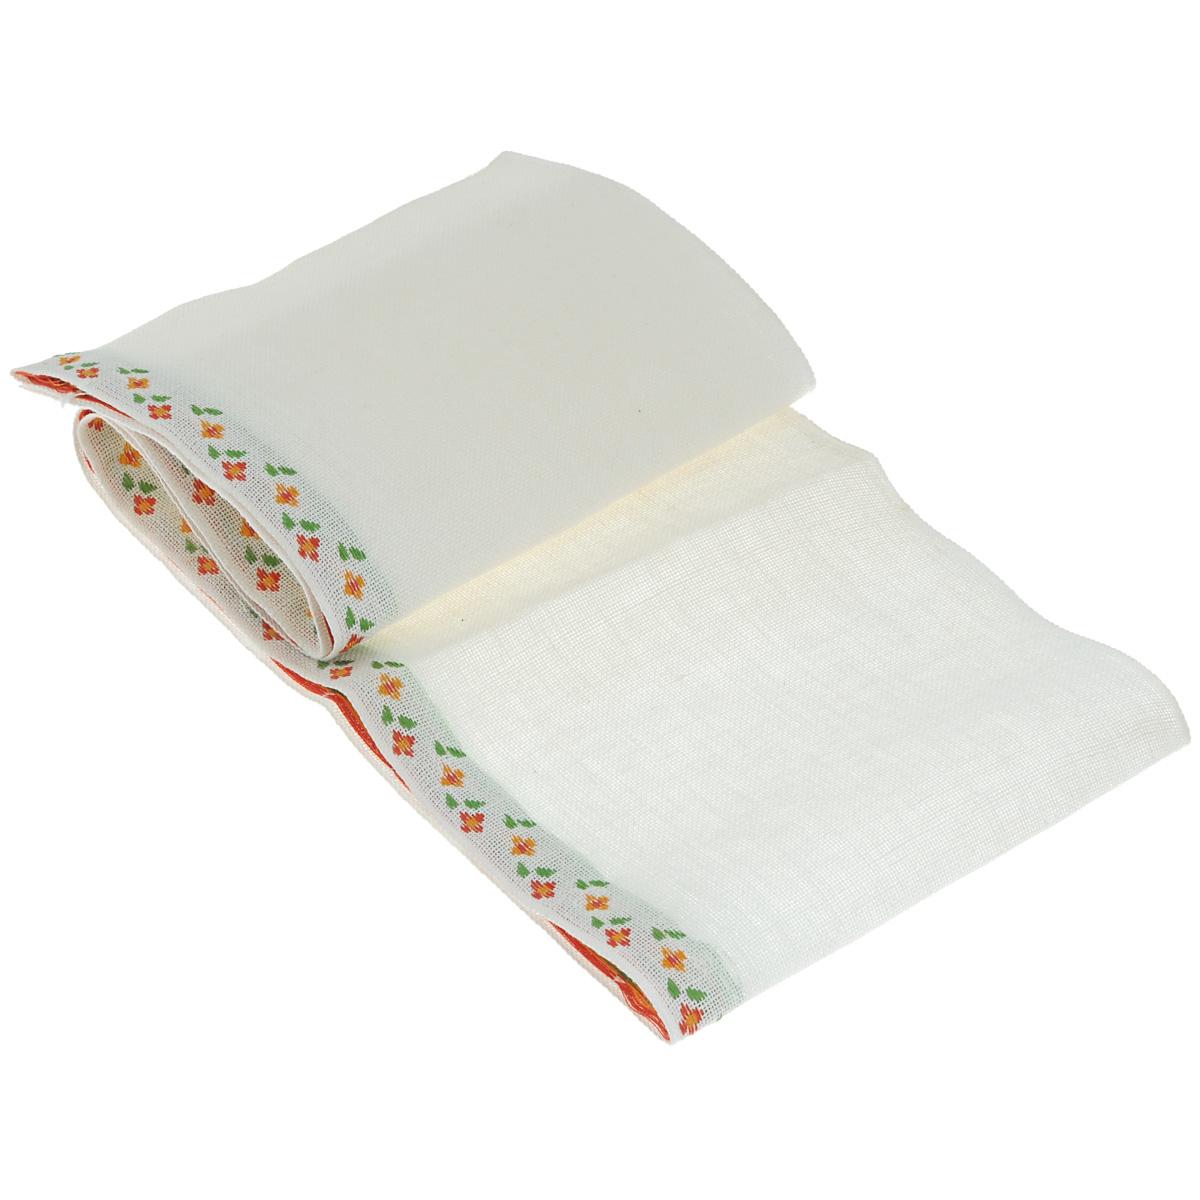 Основа для вышивания крестом или гладью Vaupel & Heilenbeck, с рисунком, цвет: белый, красный, зеленый, 17,5 см х 100 см2070-175-4Основа для вышивания крестом или гладью Vaupel & Heilenbeck представляет собой 11-ти ниточную дорожку, выполненную из 100% льна. По краю дорожка декорирована вышитыми мелкими цветочками. Воплотите свои идеи на этой основе для вышивания! Дорожка, украшенная своими руками, дополнит интерьер любого помещения, а также сможет стать изысканным подарком для ваших друзей и близких.